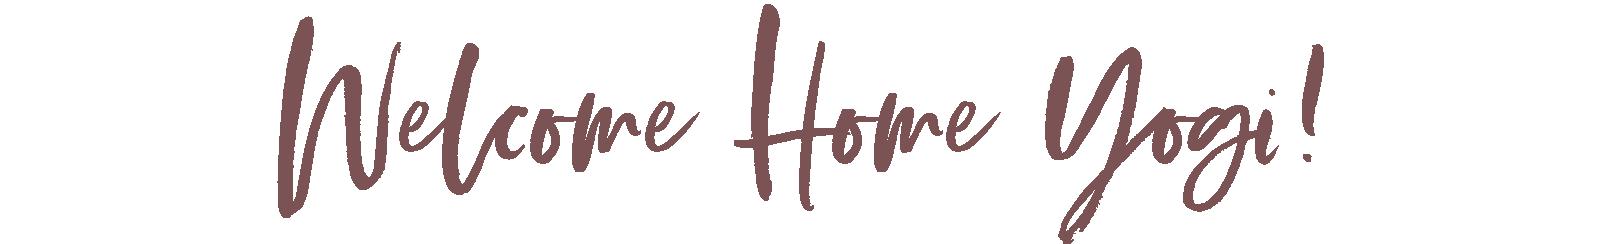 WelcomeHomeYogi.png